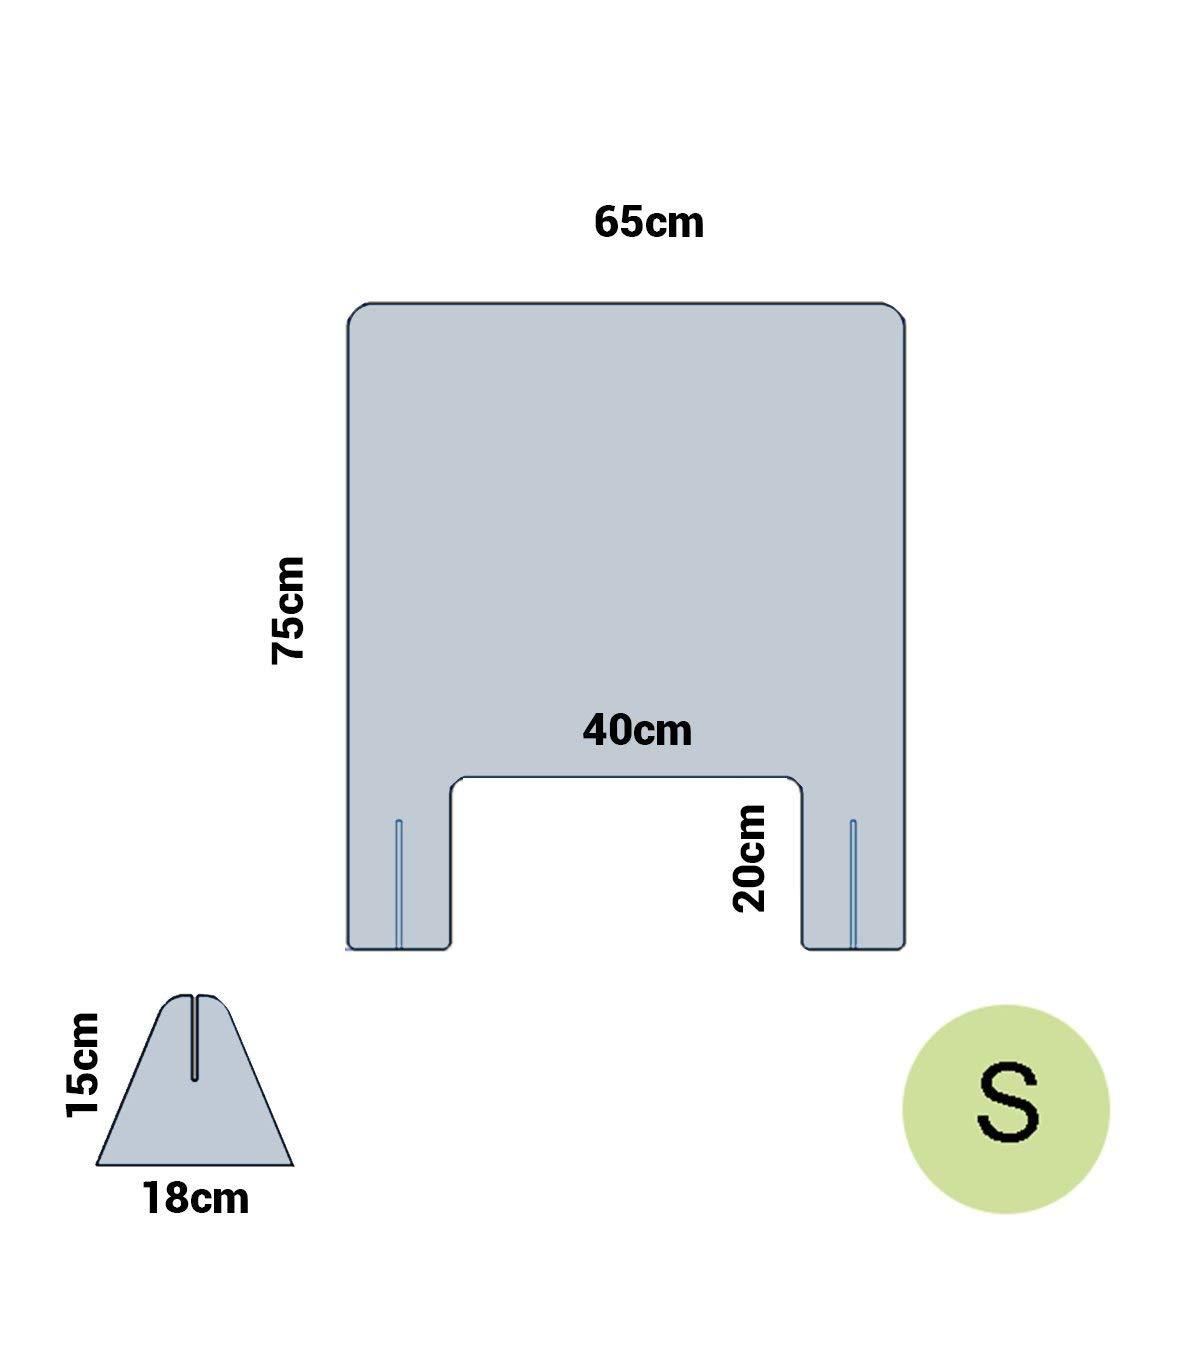 Mampara anticontagio de metracrilato a medida 65 cm ancho, ventanilla 15x30